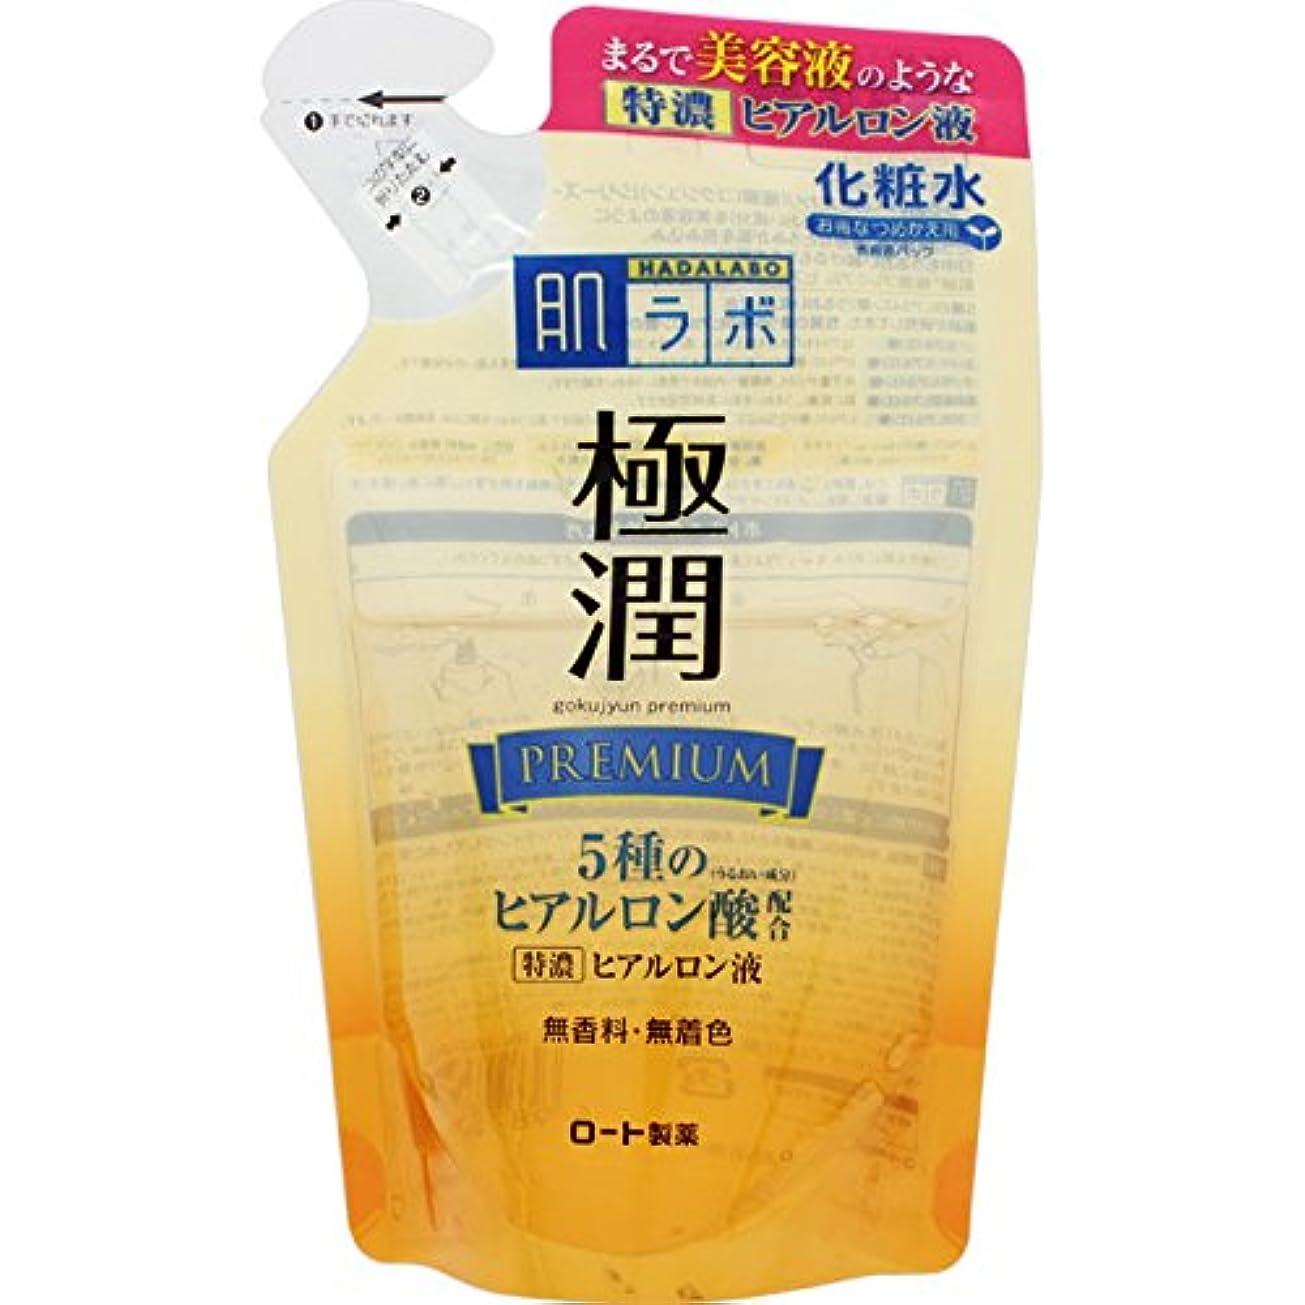 チートほかに統計的肌ラボ 極潤プレミアム 特濃ヒアルロン液 ヒアルロン酸5種類×サクラン配合 詰替用 170mL